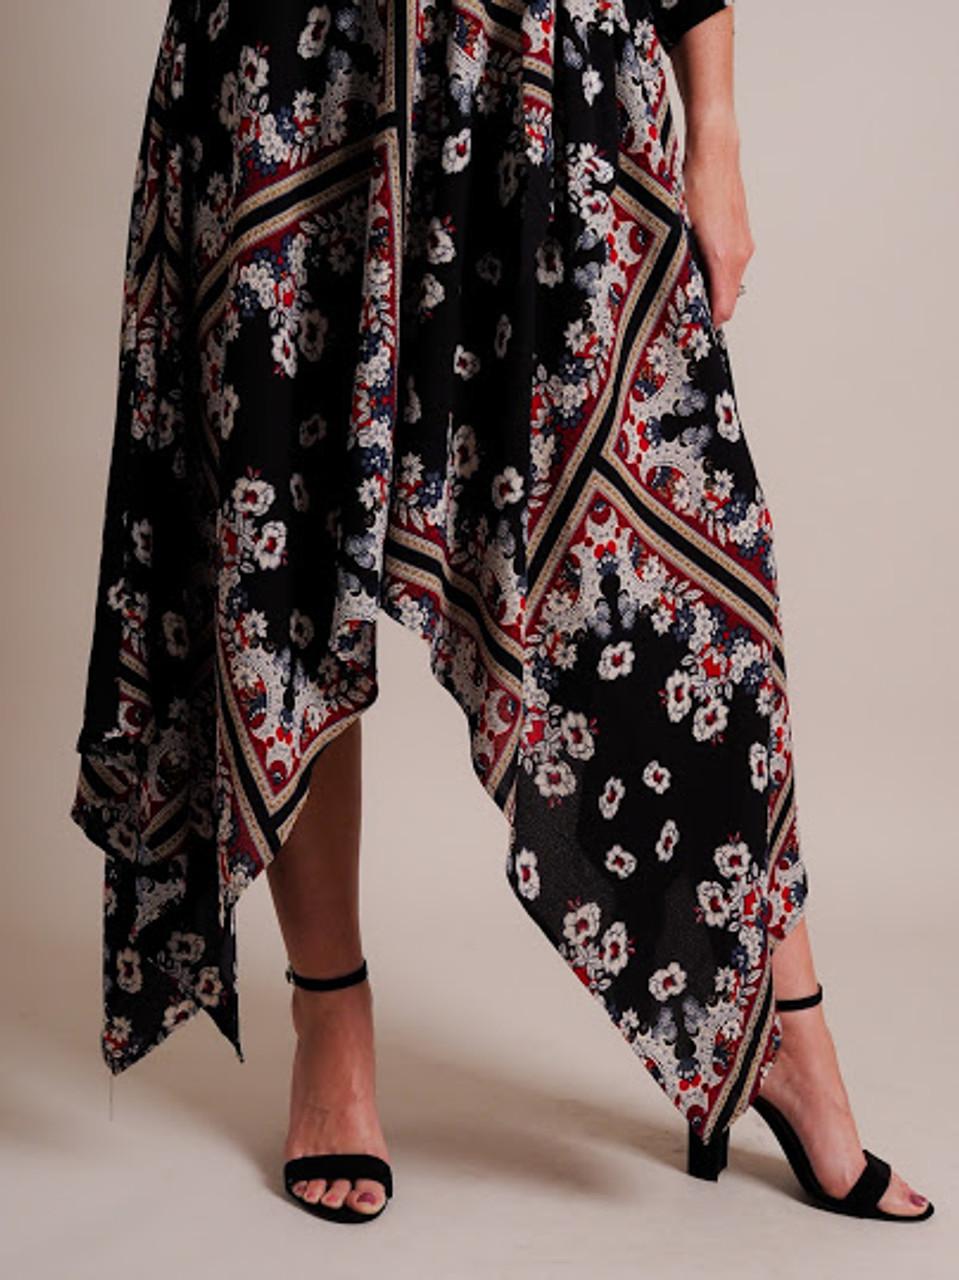 Black & Floral Asymmetrical  Dress